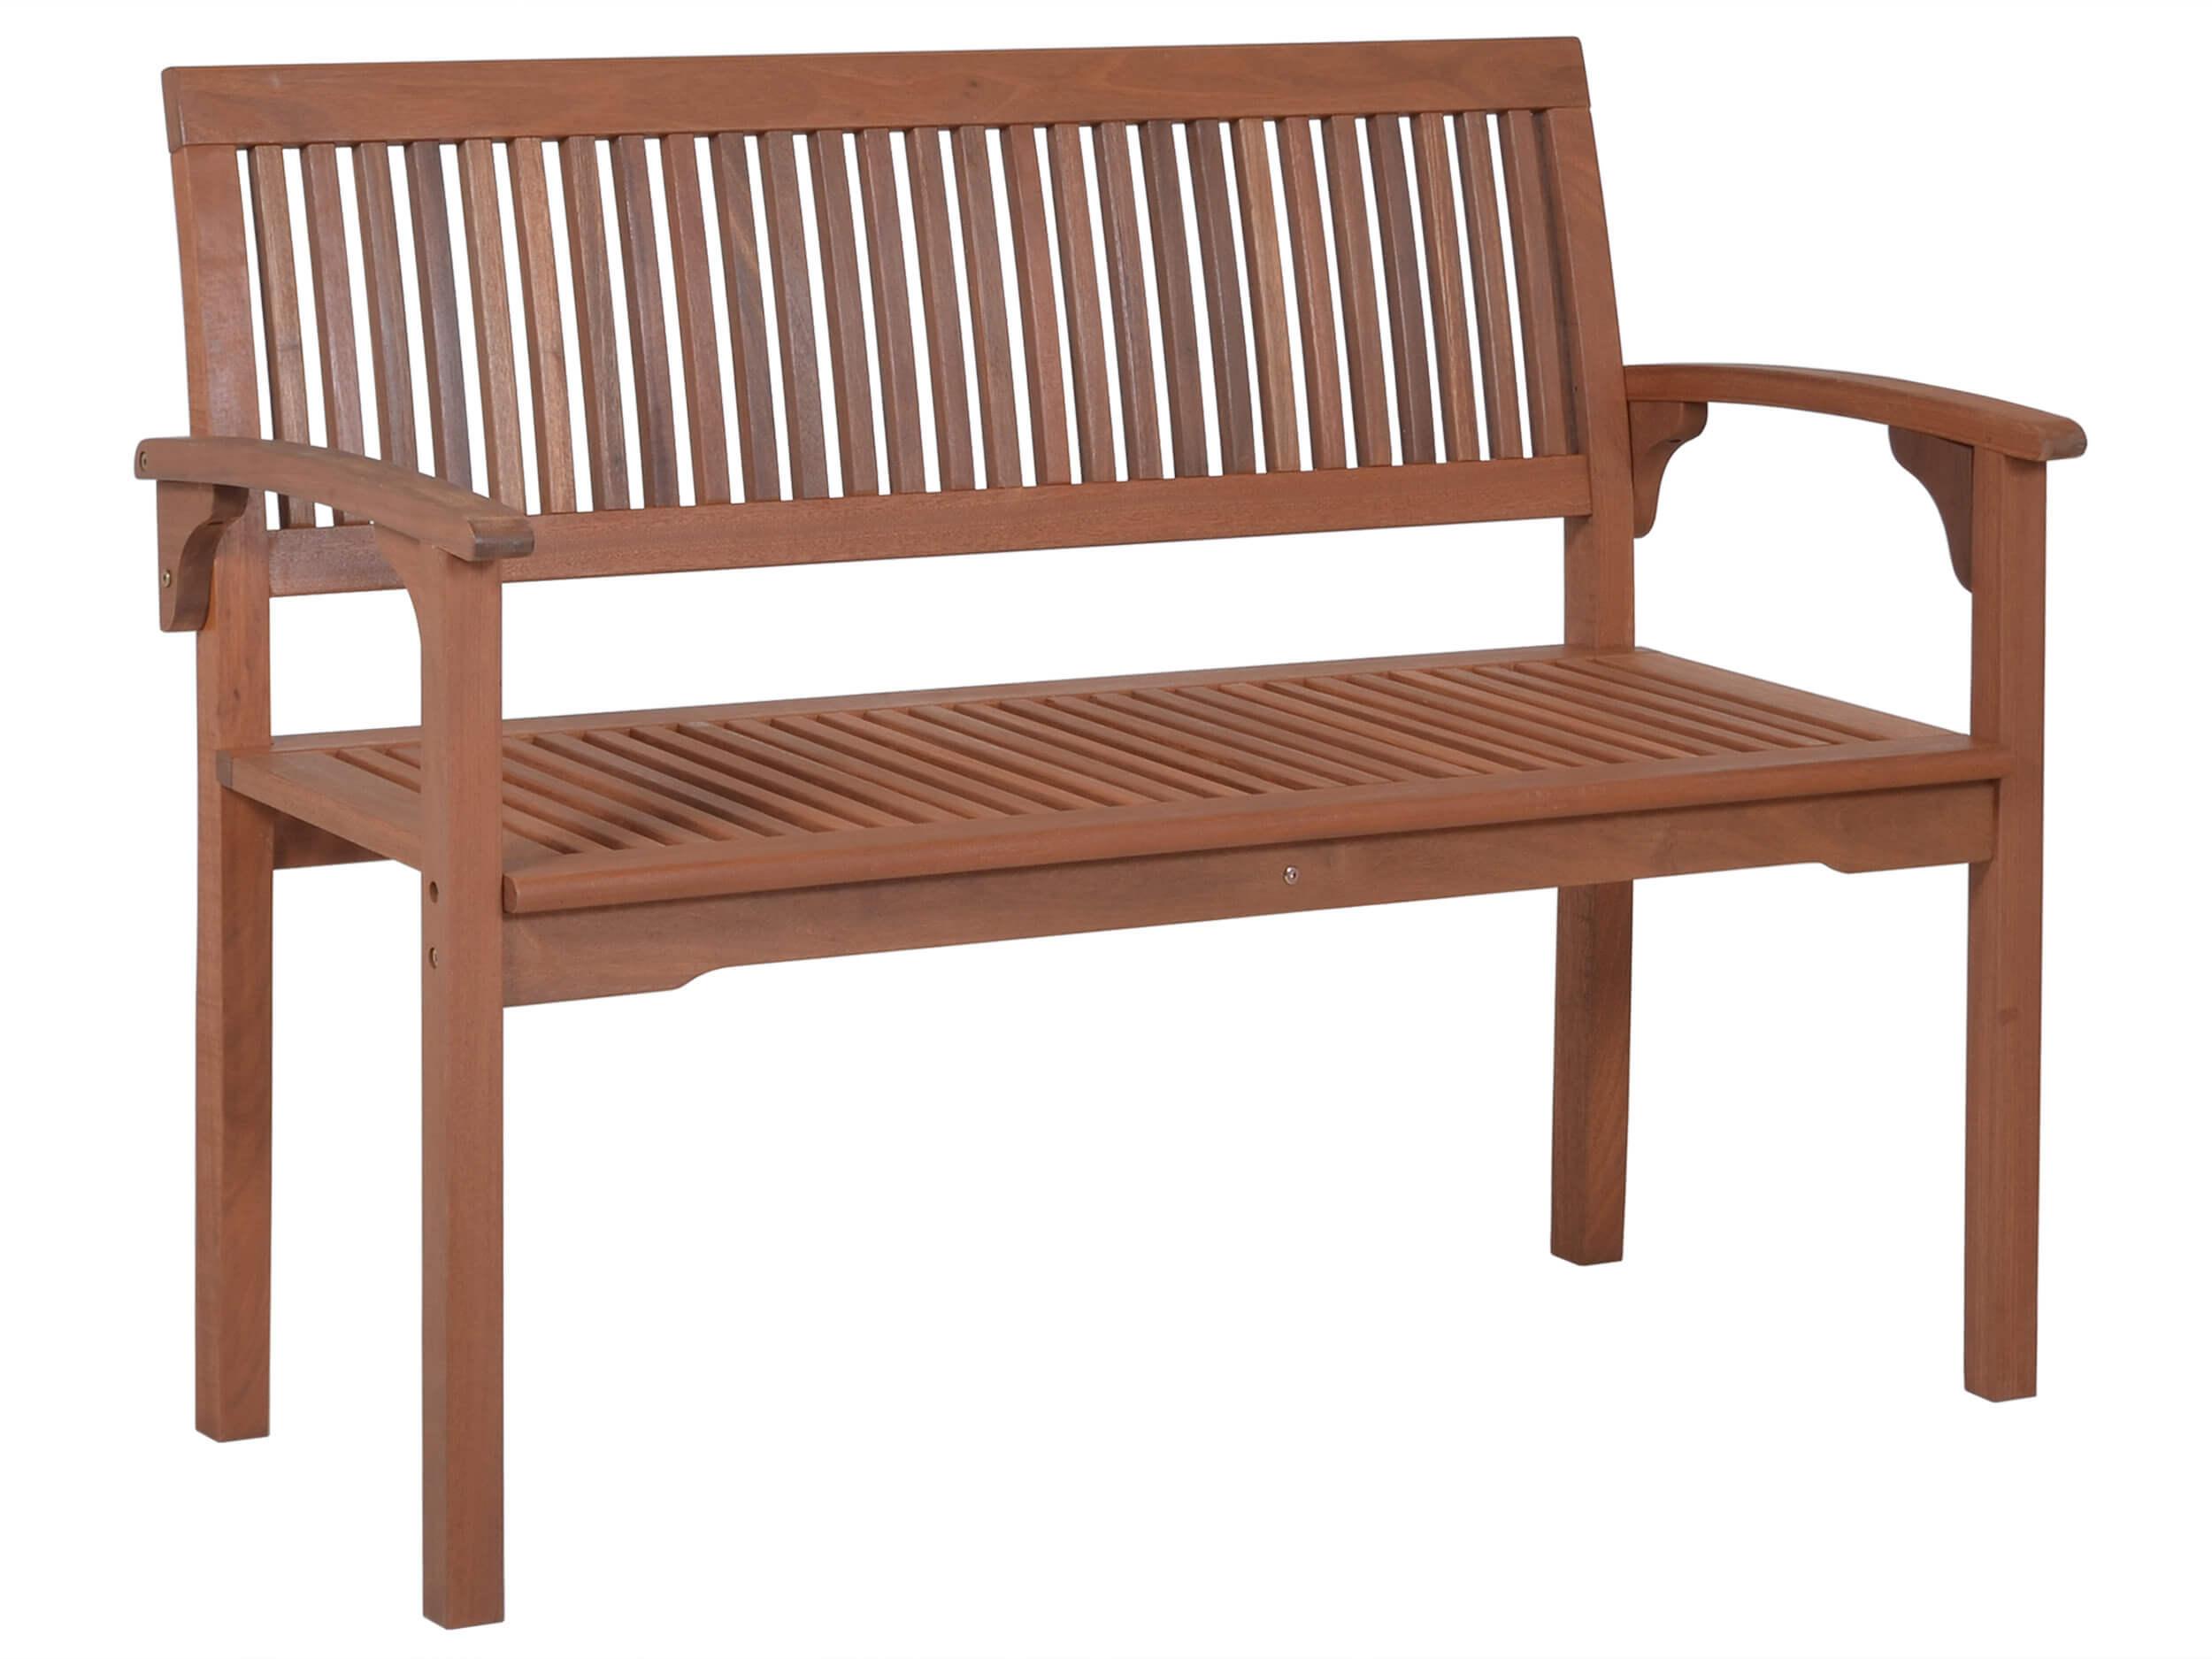 holzgartenbank osaka 120cm 2 sitzer gartenm bel l nse. Black Bedroom Furniture Sets. Home Design Ideas